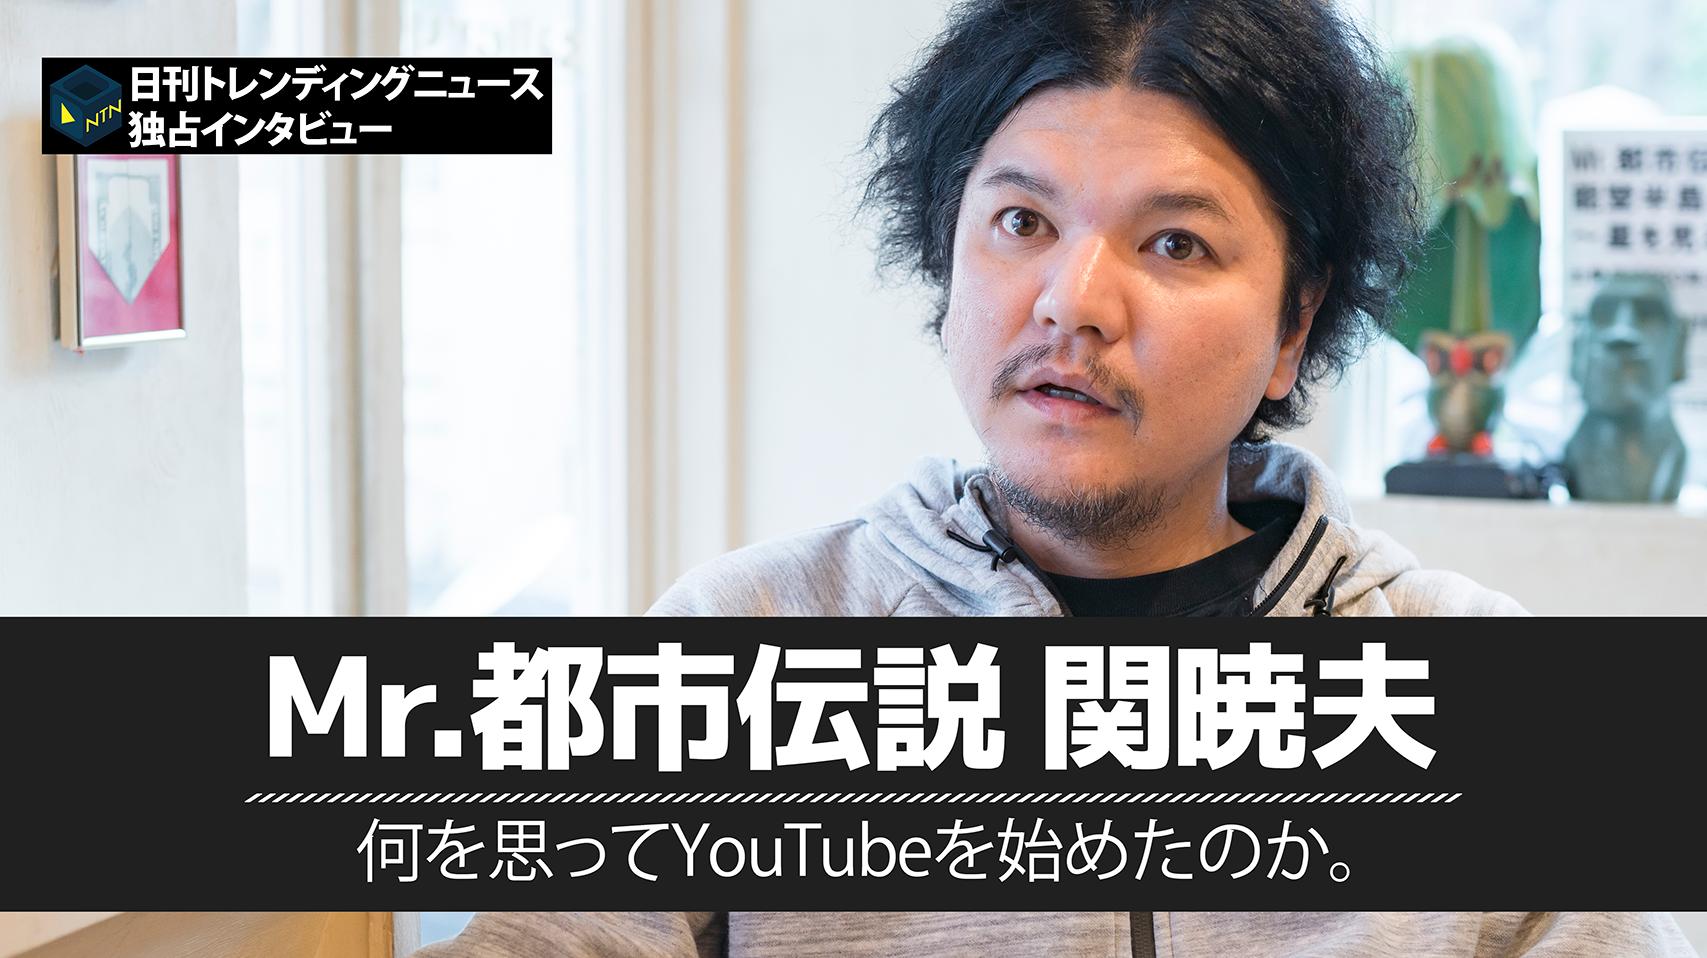 日刊トレンディングニュース独占インタビュー Mr.都市伝説 関暁夫 何を思ってYouTubeを始めたのか